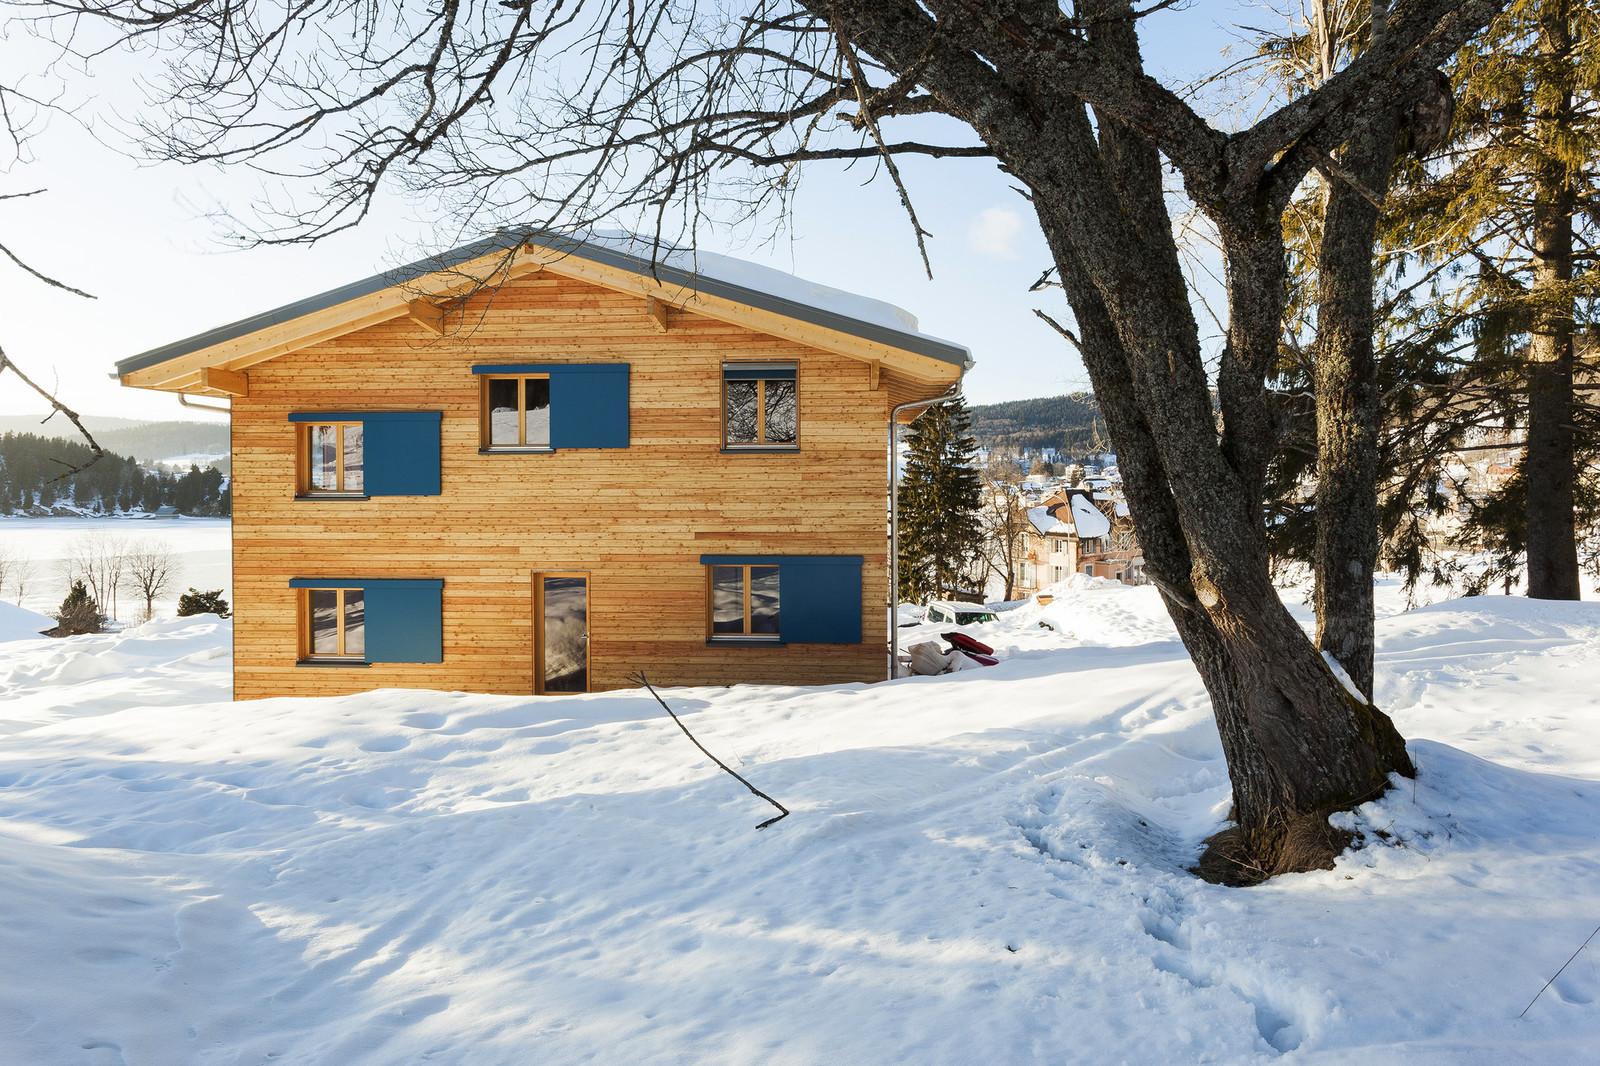 cottage-r-just3ds.com-14